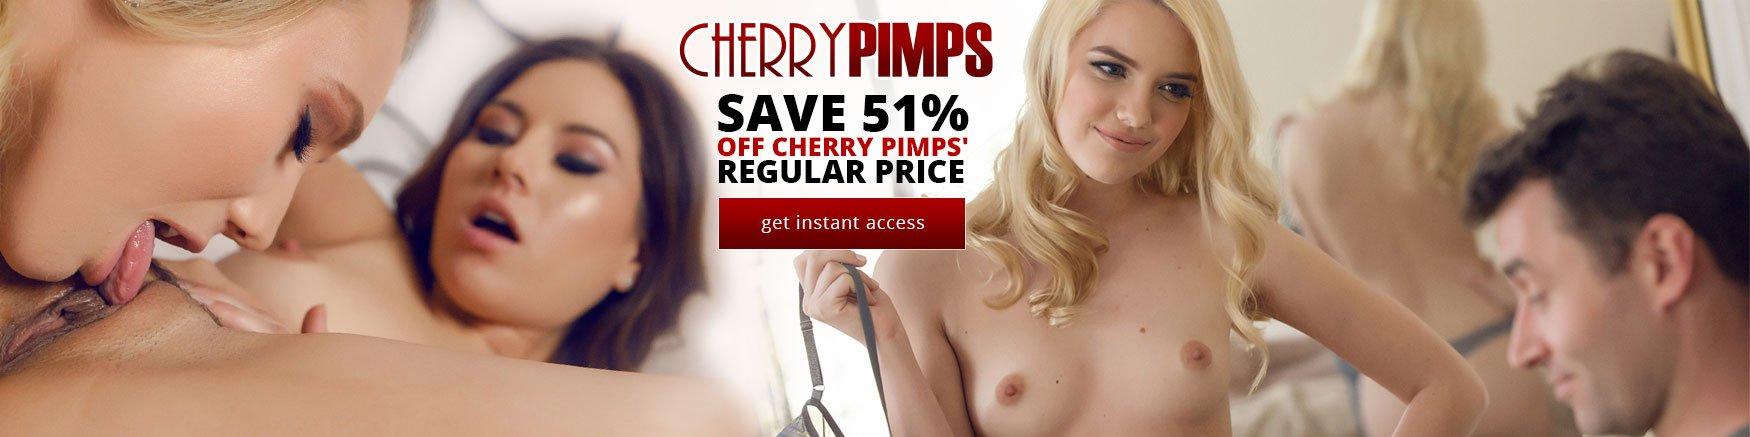 Cherry Pimps